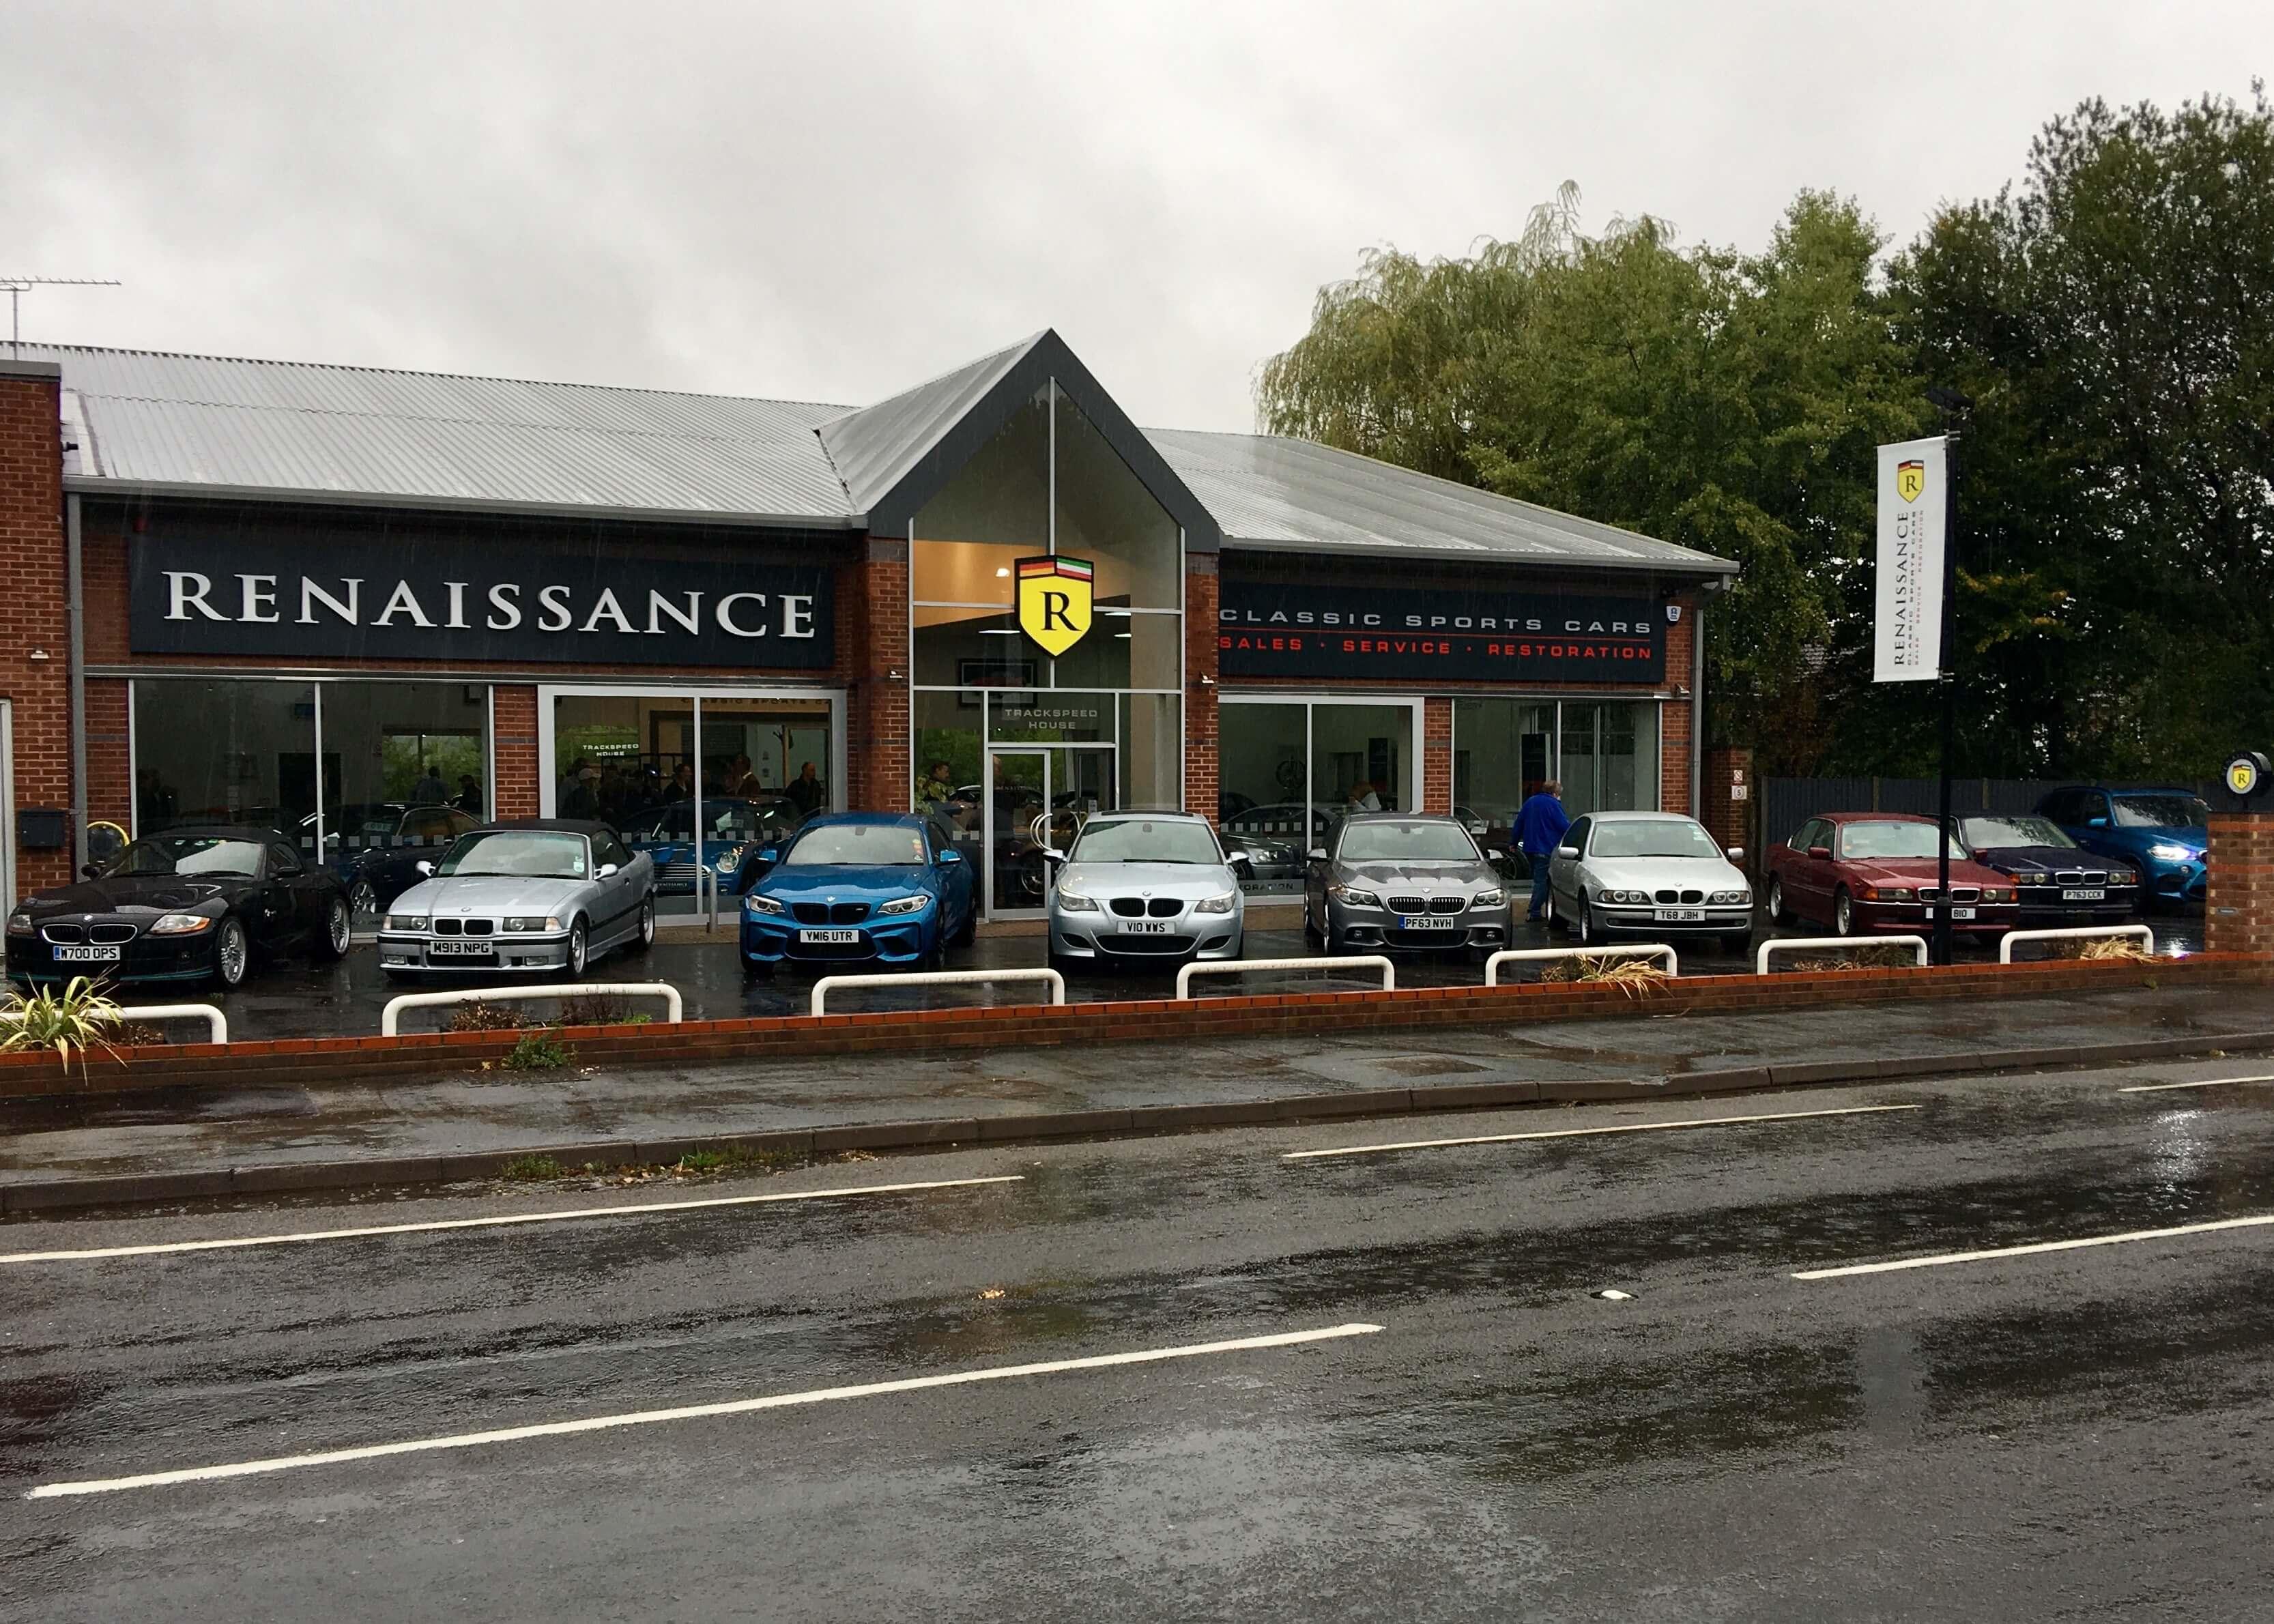 BMW CAR CLUB SOUTH EAST BREAKFAST CLUB MEETING